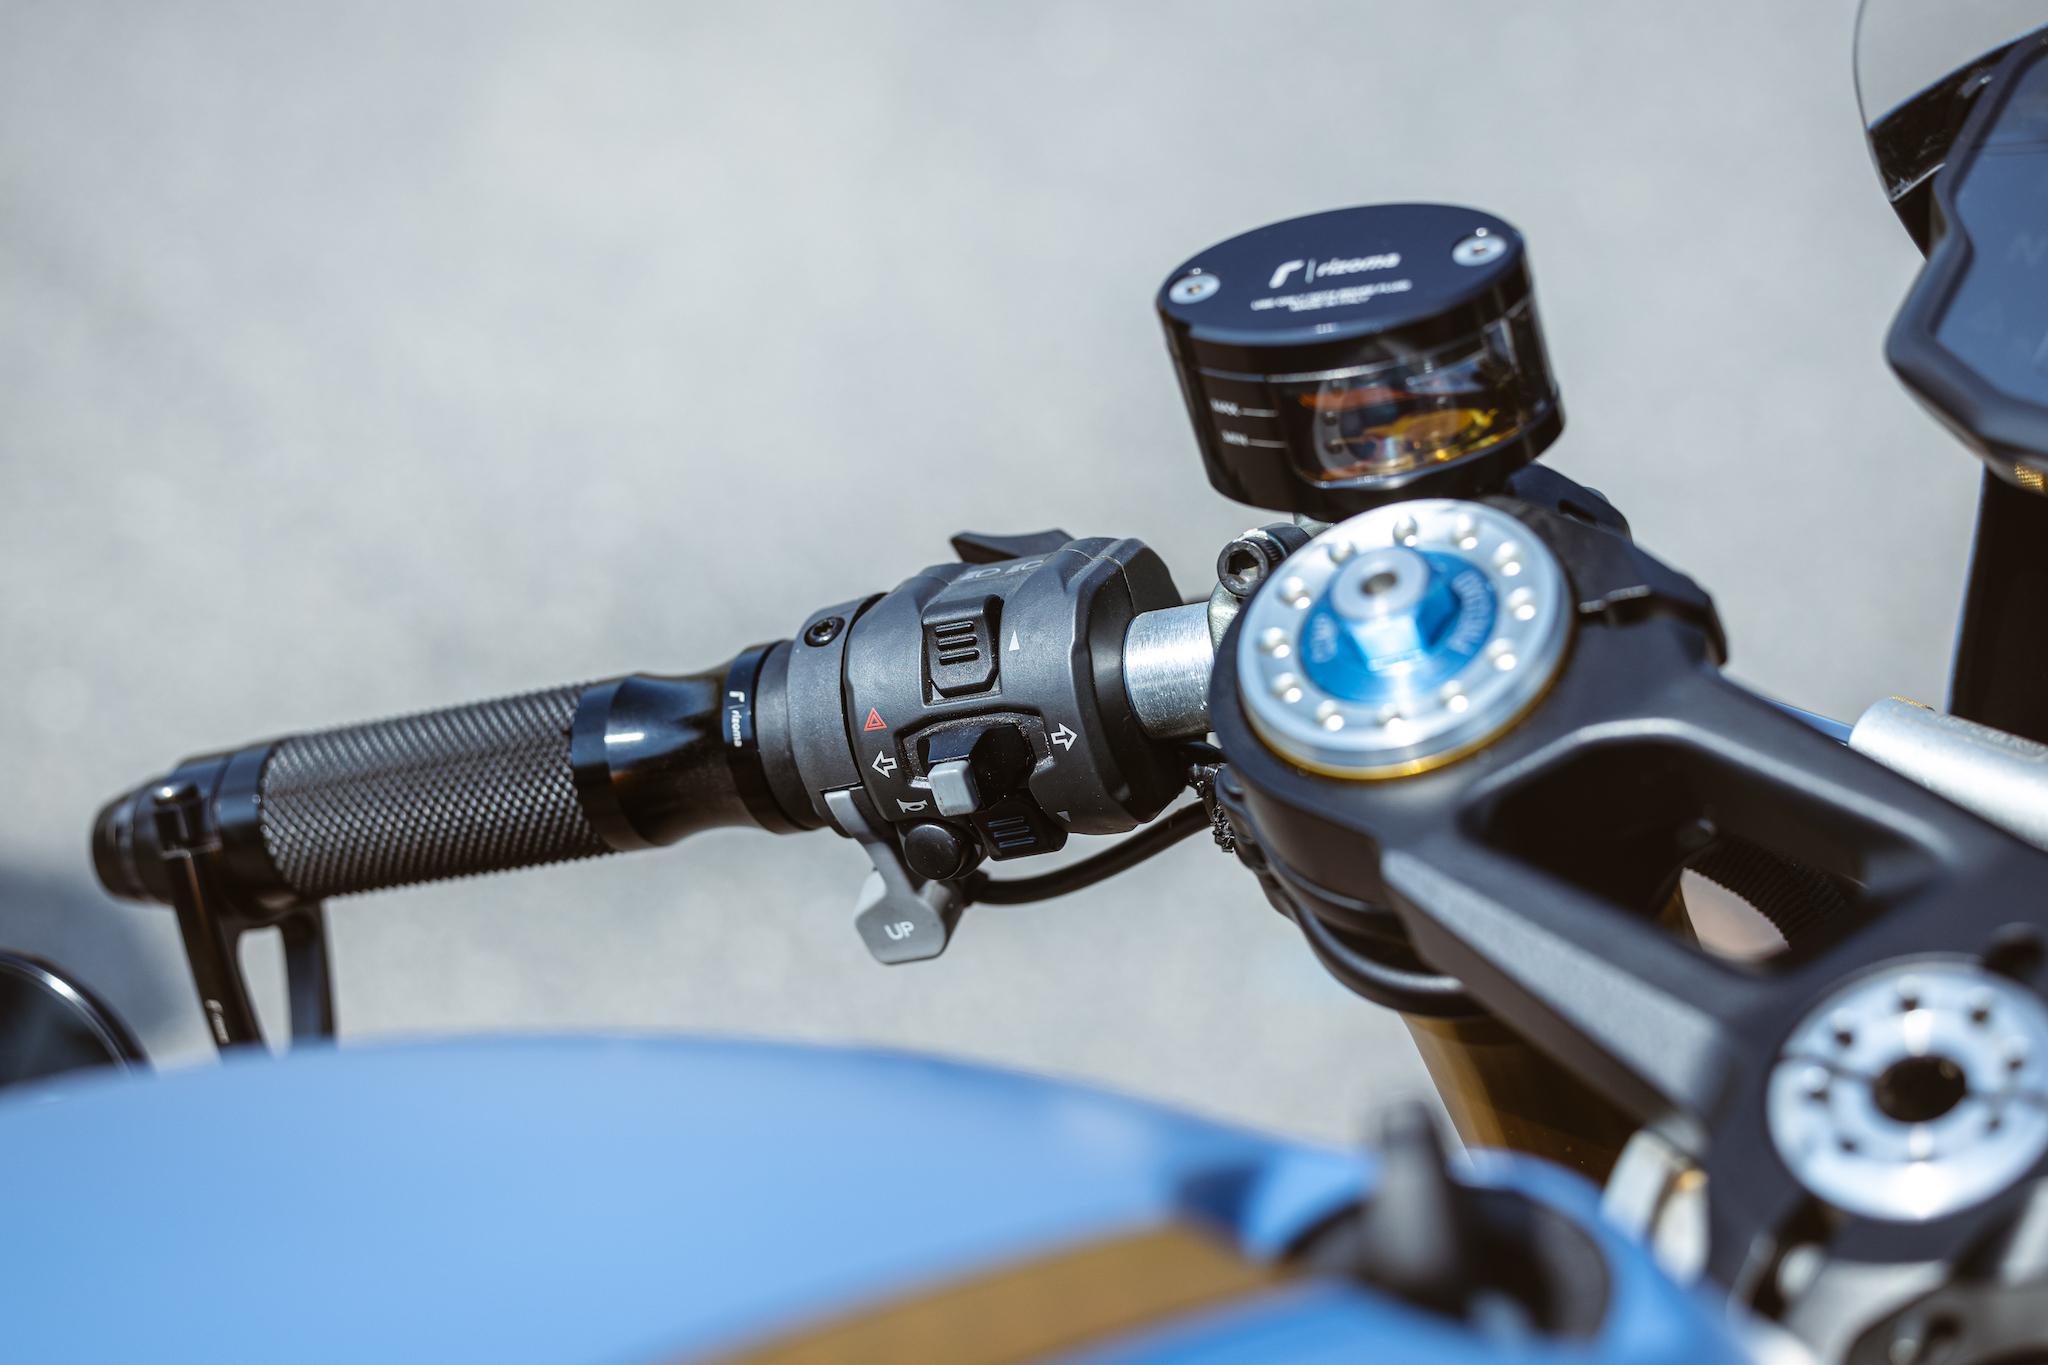 Ducati_Panigale_naked_dream-motos_Madpik-small6